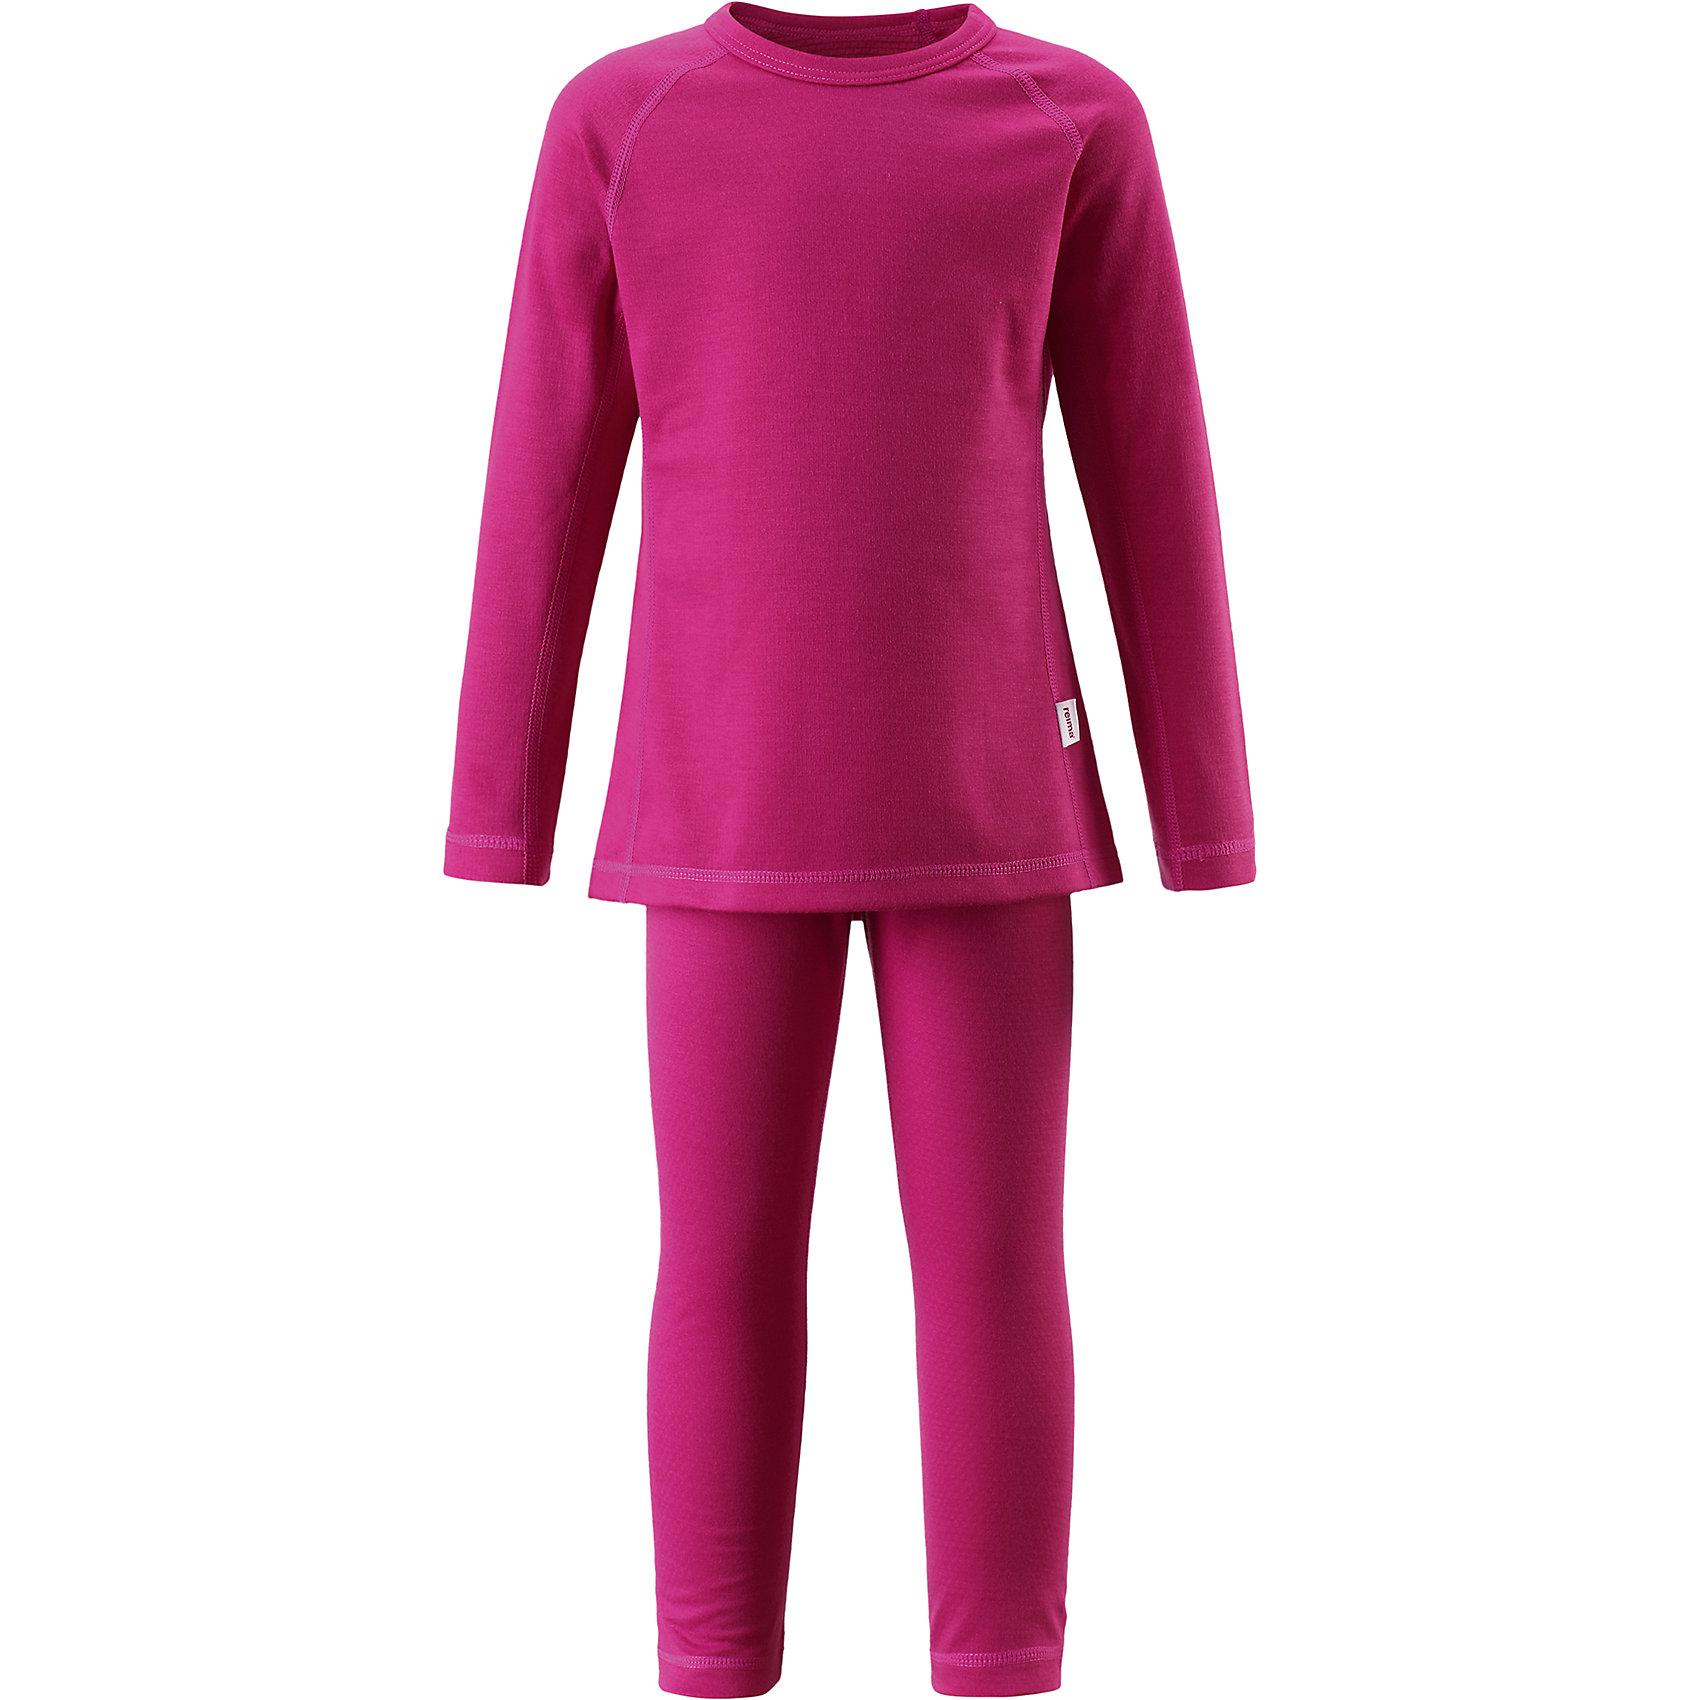 Термобелье Lani для девочки ReimaОдежда<br>Термобелье для девочки Reima.<br>Комплект базового слоя для подростков. Теплый материал Thermolite отводит влагу и сохраняет кожу сухой и приятной, создавая чувство комфорта. Быстро сохнет и сохраняет тепло. Мягкие плоские швы для дополнительного комфорта: не раздражает кожу. Удлиненный подол сзади.<br>Уход:<br>Стирать с бельем одинакового цвета, вывернув наизнанку. Стирать моющим средством, не содержащим отбеливающие вещества. Полоскать без специального средства. Придать первоначальную форму вo влажном виде. Сушить при низкой температуре. <br>Состав:<br>43% полиэстер THERMOLITE®, 53% полиэстер, 4% sorona<br><br>Ширина мм: 215<br>Глубина мм: 88<br>Высота мм: 191<br>Вес г: 336<br>Цвет: розовый<br>Возраст от месяцев: 108<br>Возраст до месяцев: 120<br>Пол: Женский<br>Возраст: Детский<br>Размер: 140,120,110,100,80,160,130,150,90<br>SKU: 4775030